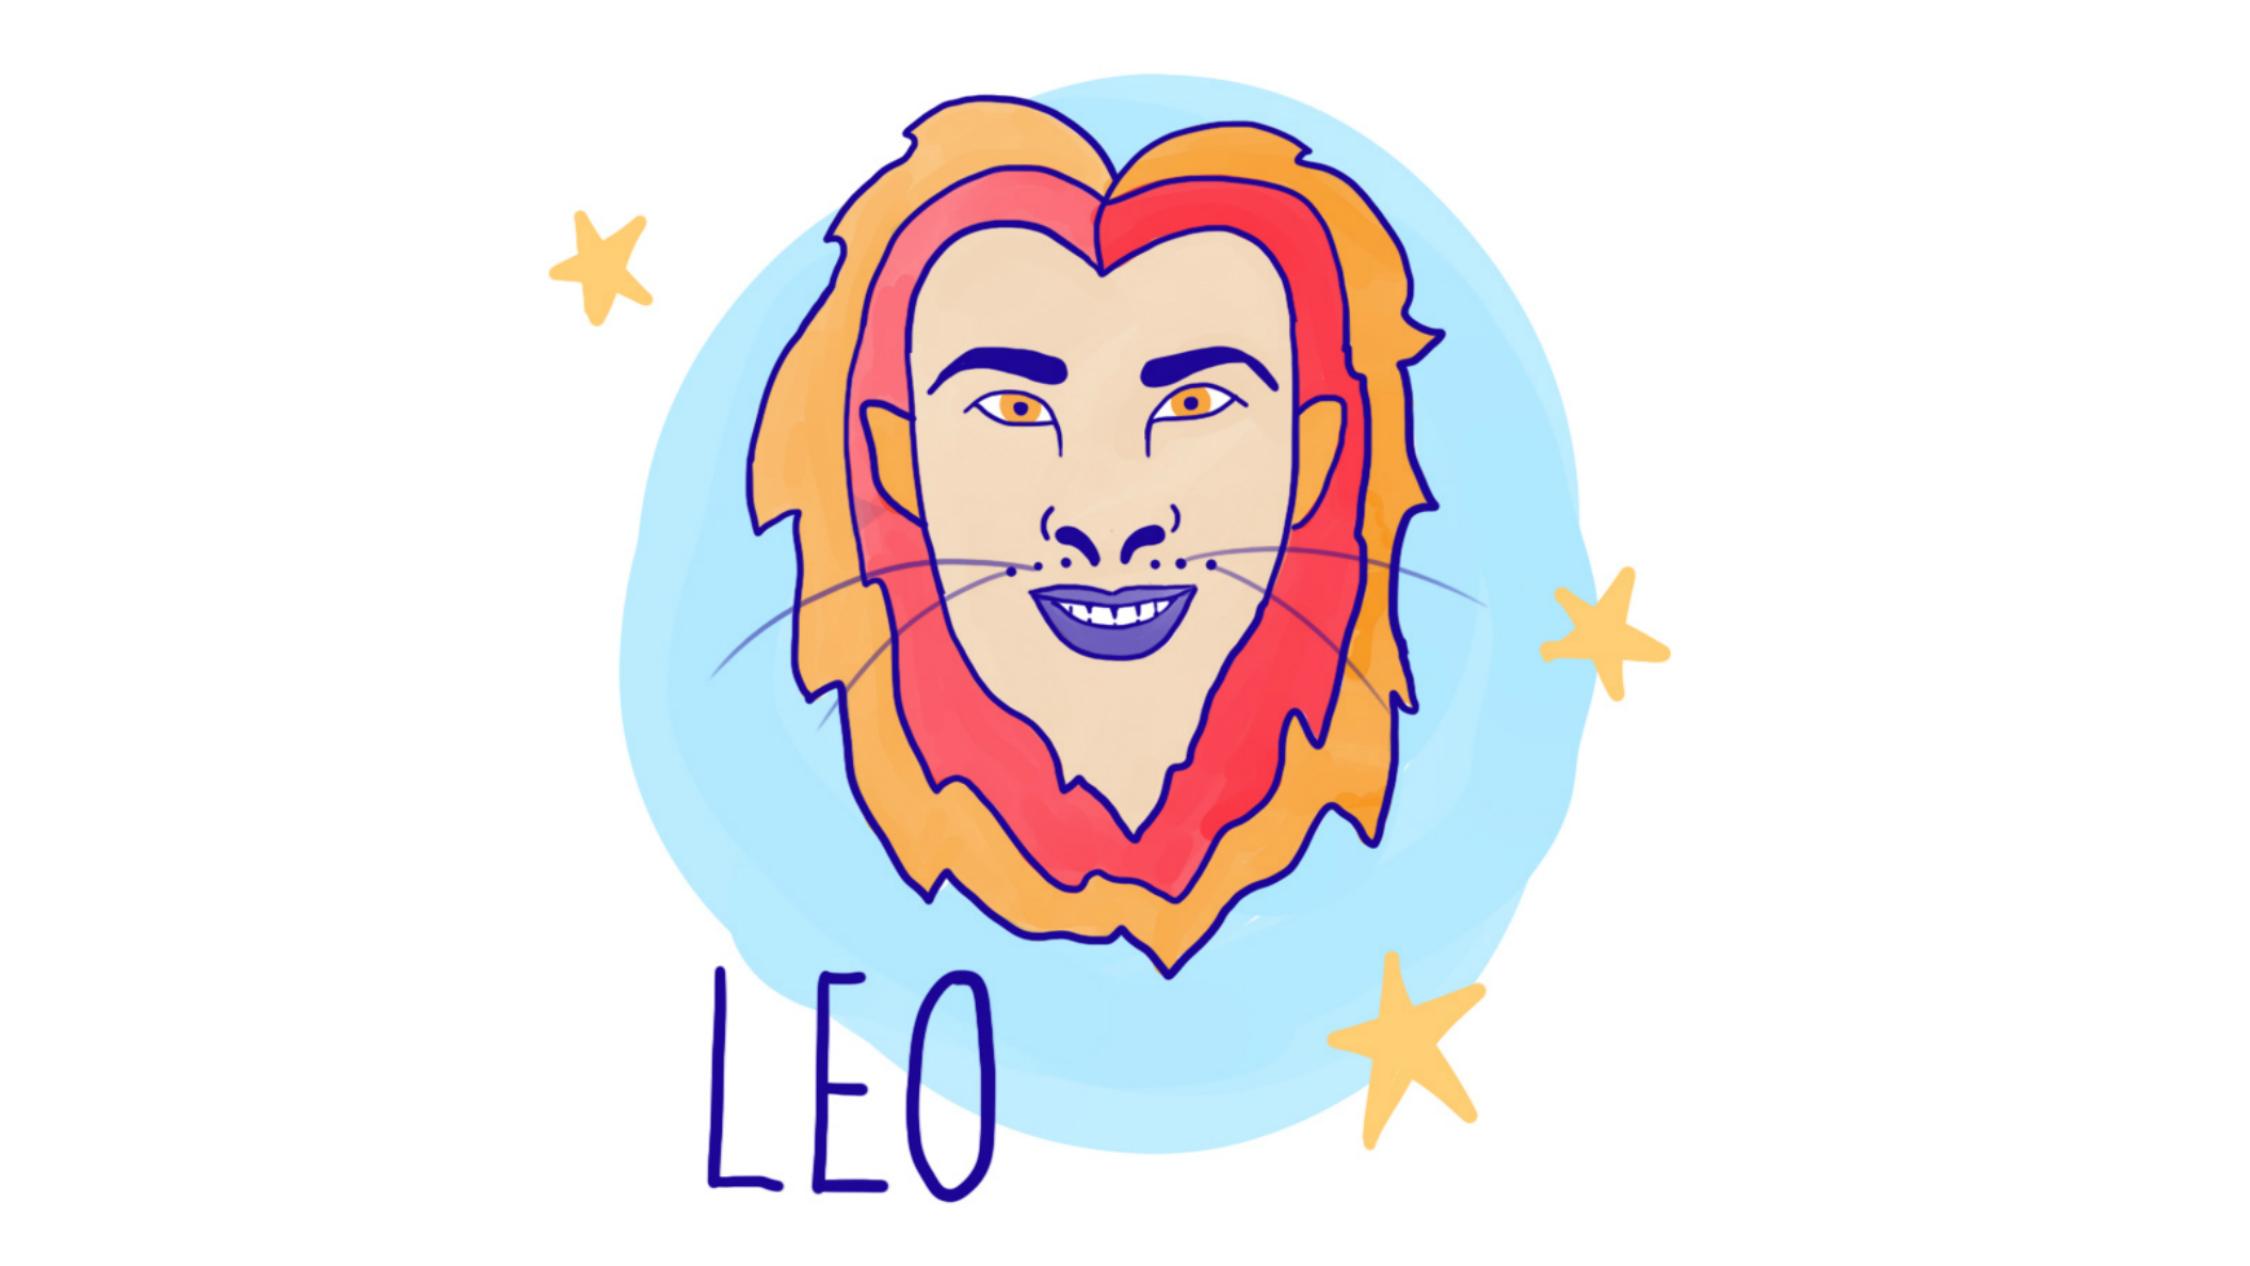 Leo astrological illustration